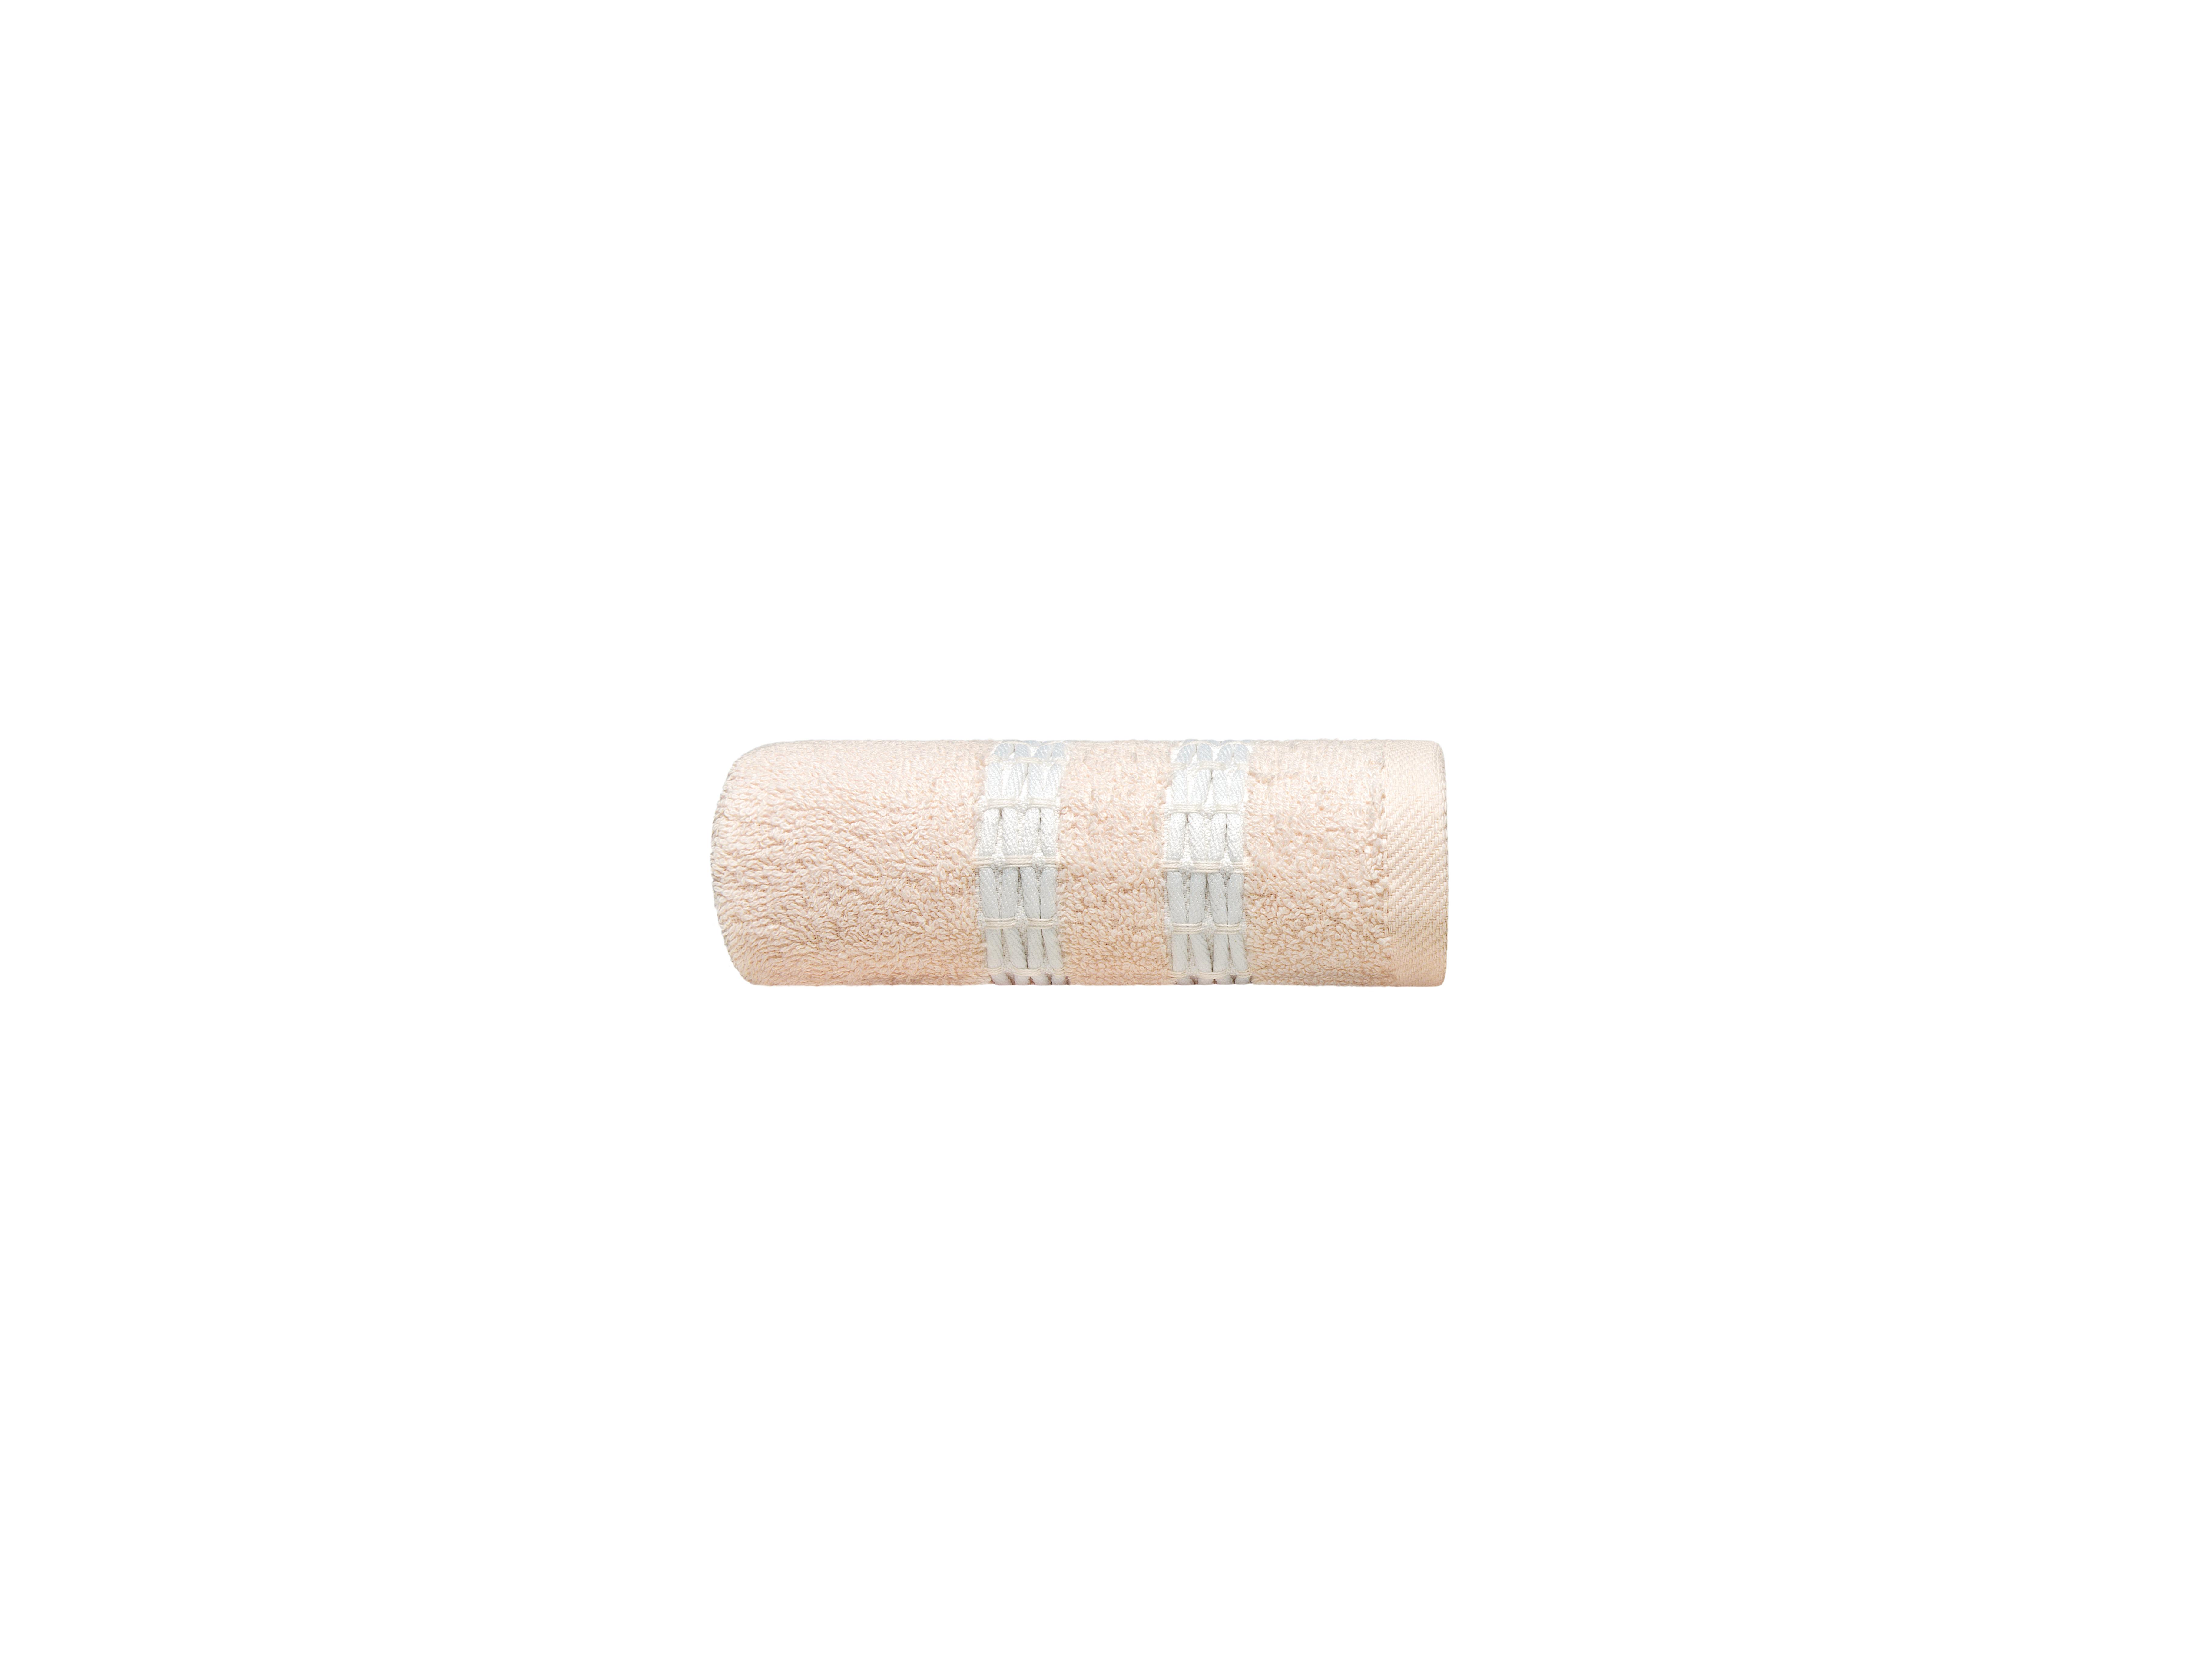 Купить Полотенца ESTIA, Полотенце Филоменто Цвет: Экрю (40х60 см), Греция, Махра